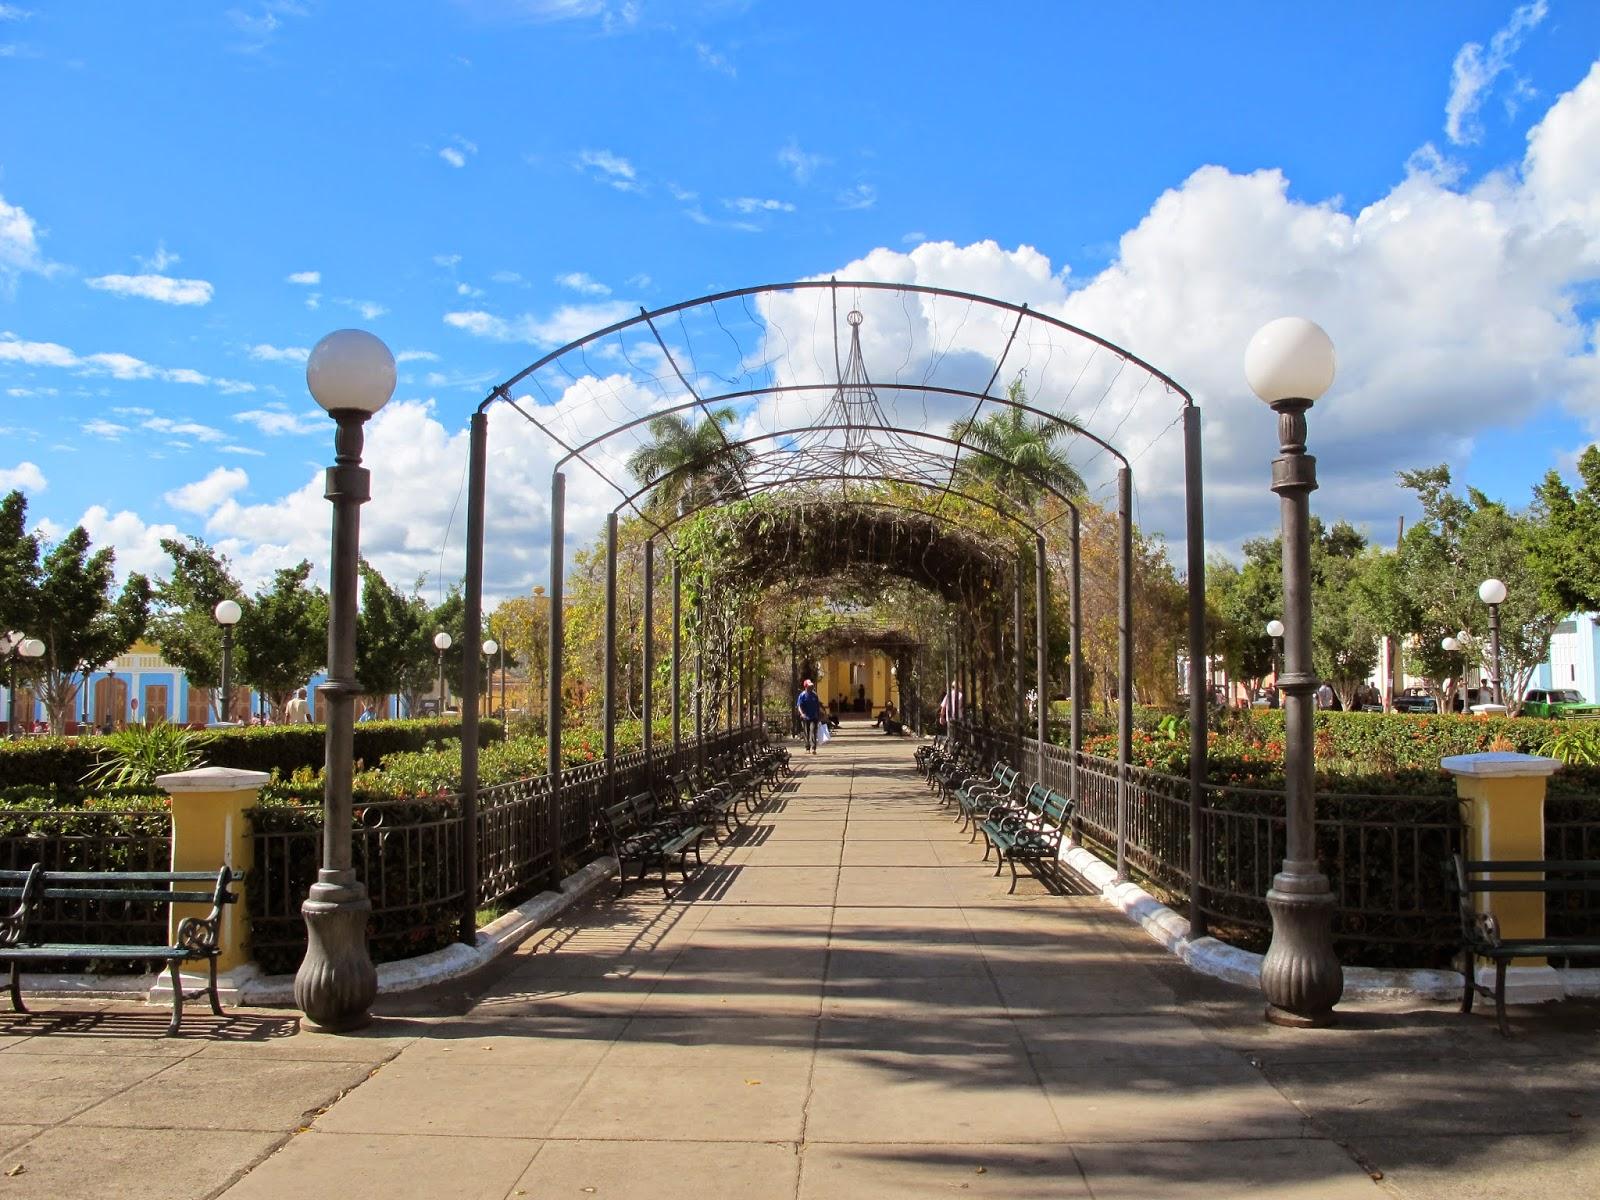 Plaza Carillo, no Centro histórico de Trinidad, em Cuba.